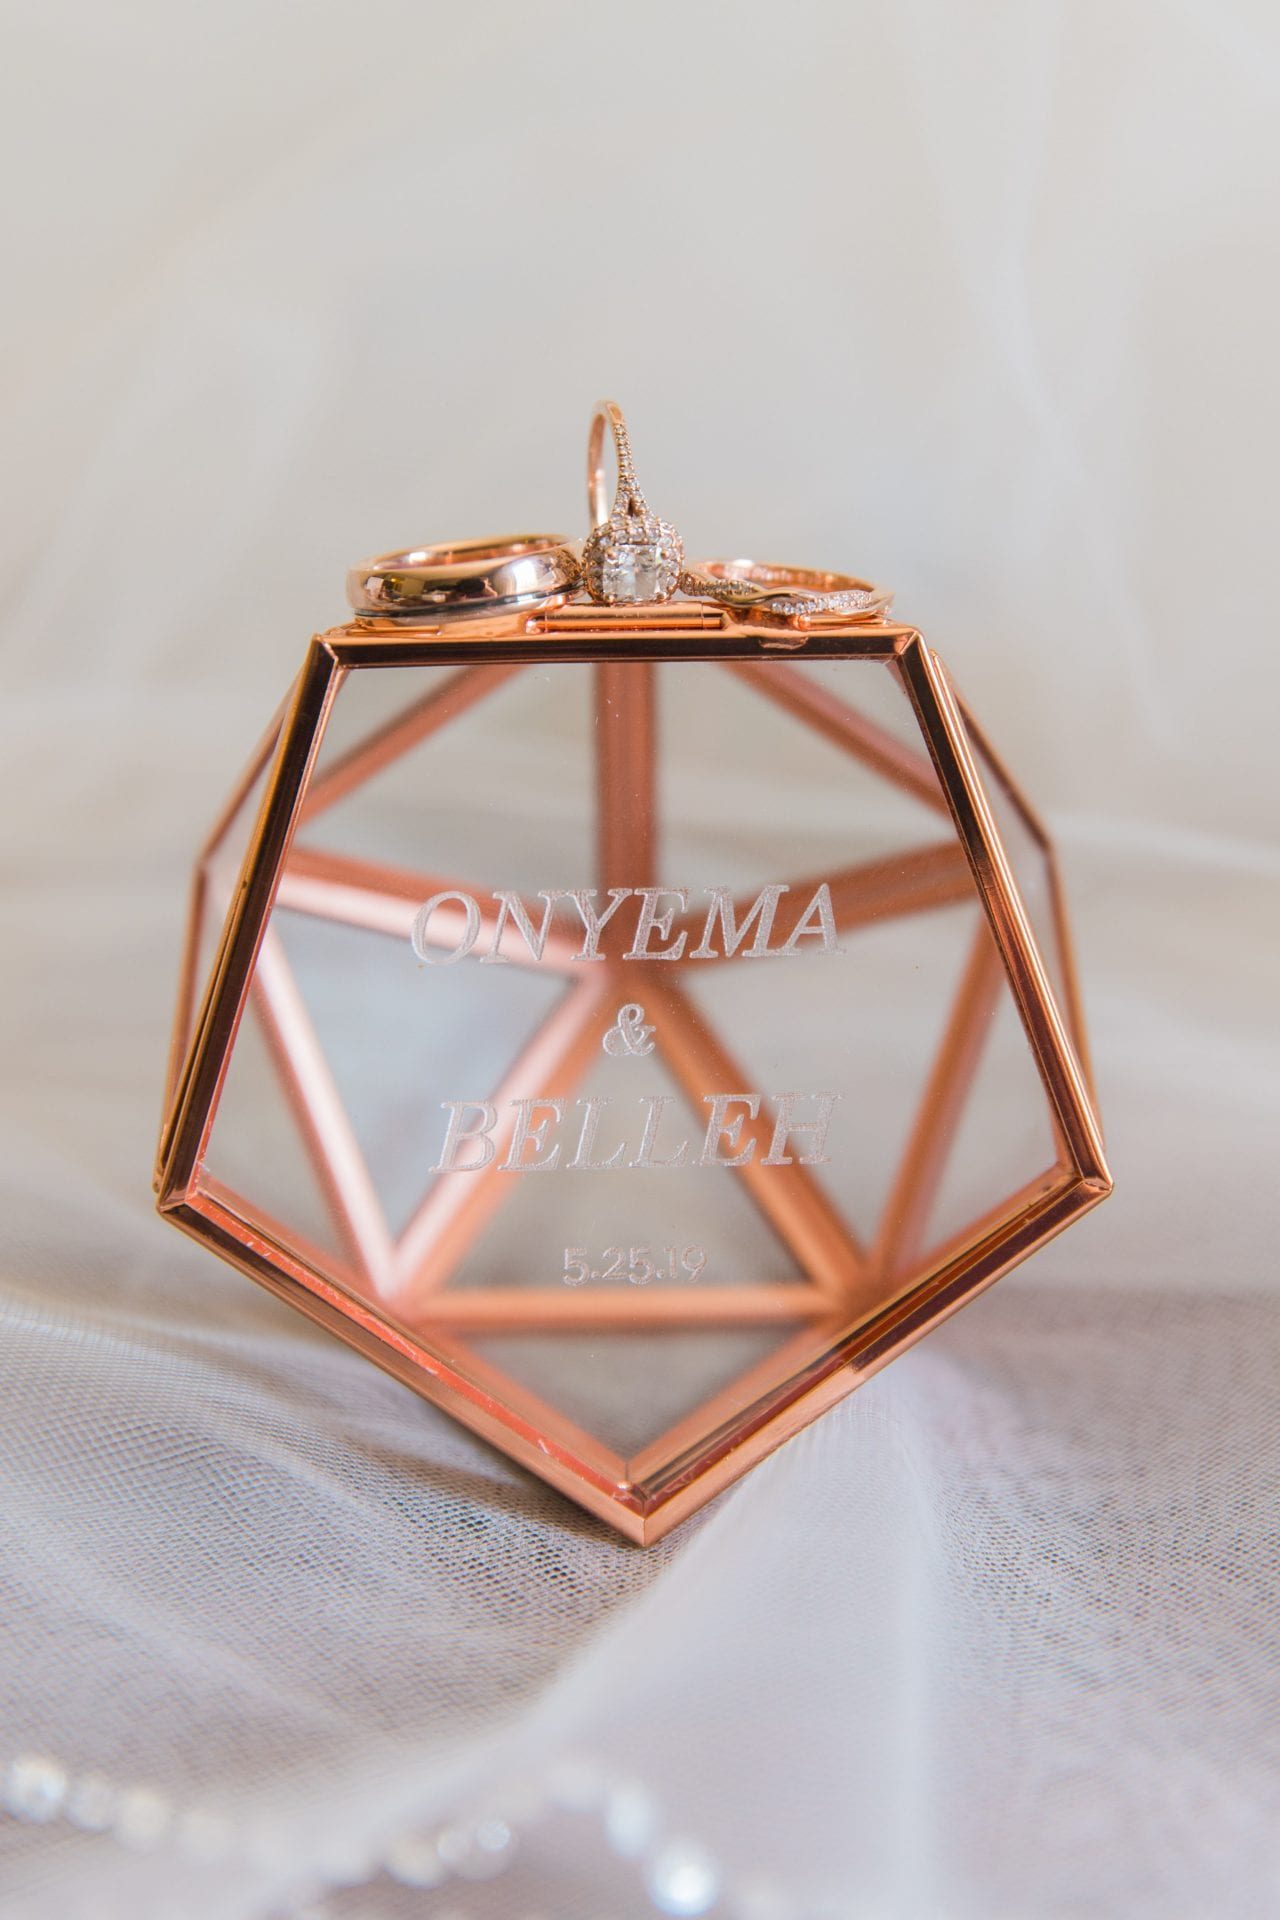 Onyema wedding La Cantera ring box